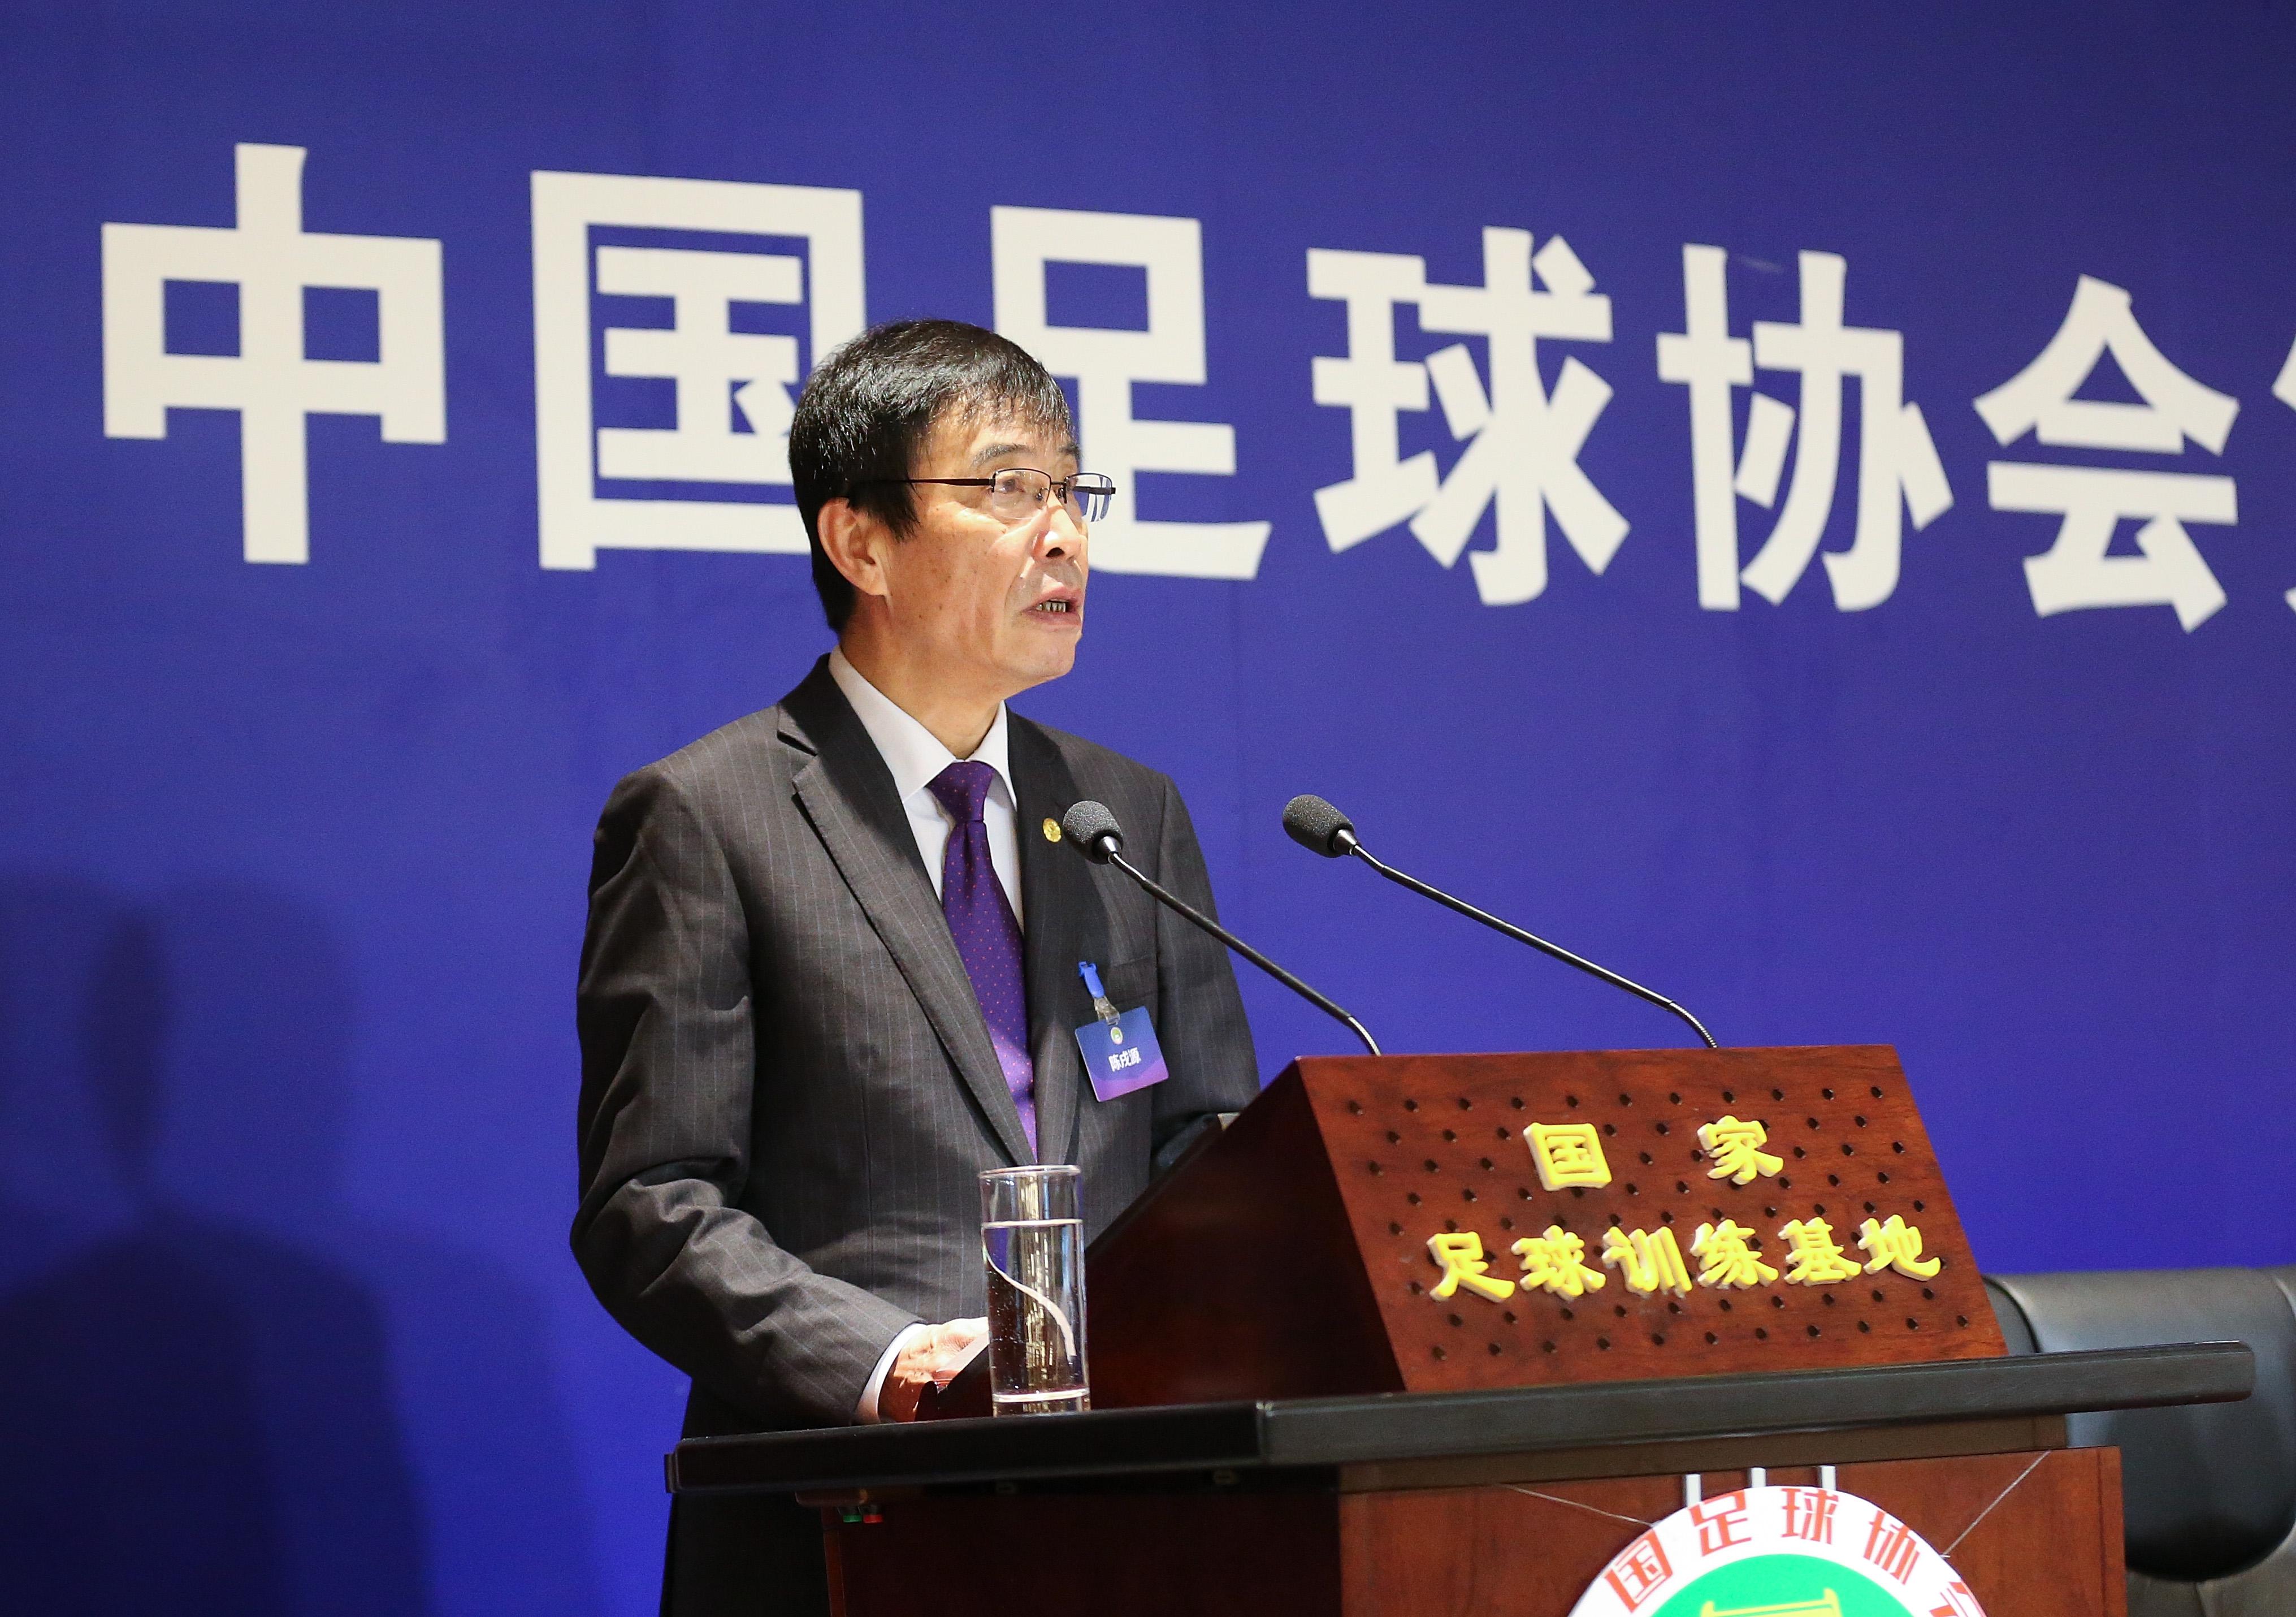 陈戌源当选中国足协新一届主席:男足目标跻身亚洲前列